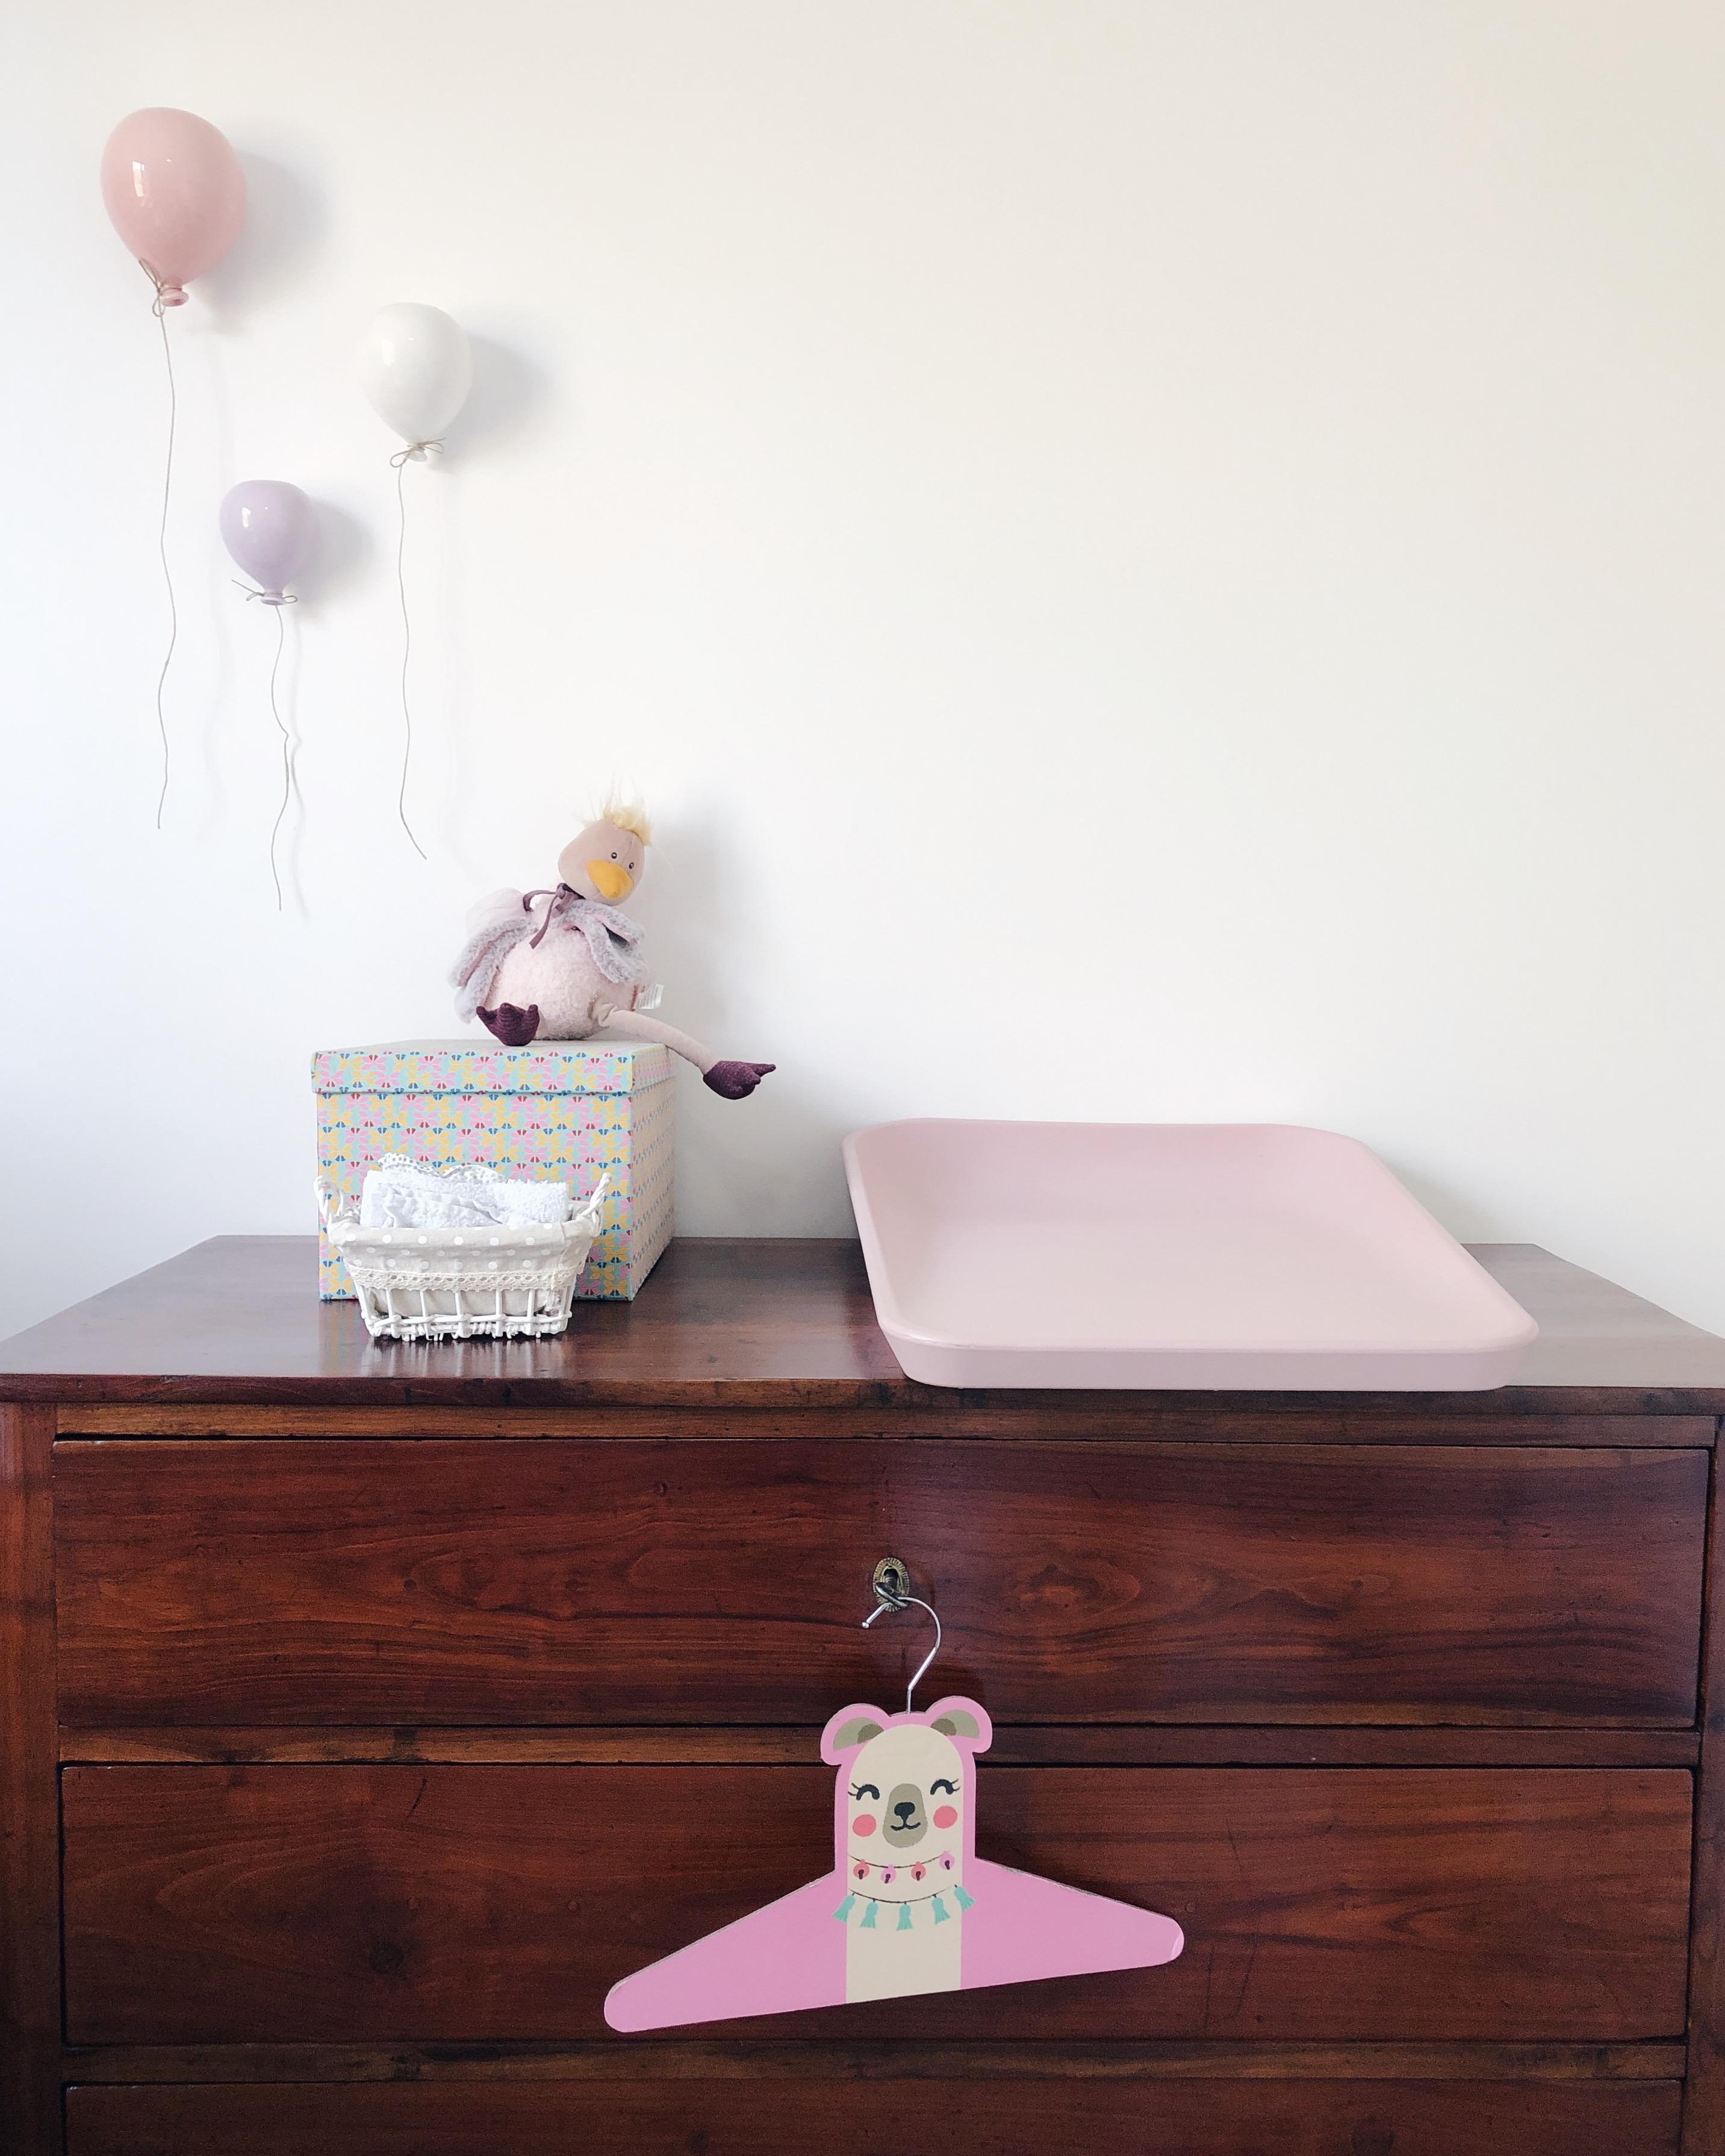 Cassettiera antica restaurata in legno scuro a tre cassetti con chiavi. Su una chiave è appeso un attaccapanni rosa con un orso disegnato. Sopra la cassettiera un cuscino fasciatoio rosa antico, una scatola colorata e un peluche rosa. Appese al muro tre decorazioni in ceramica a forma di palloncino